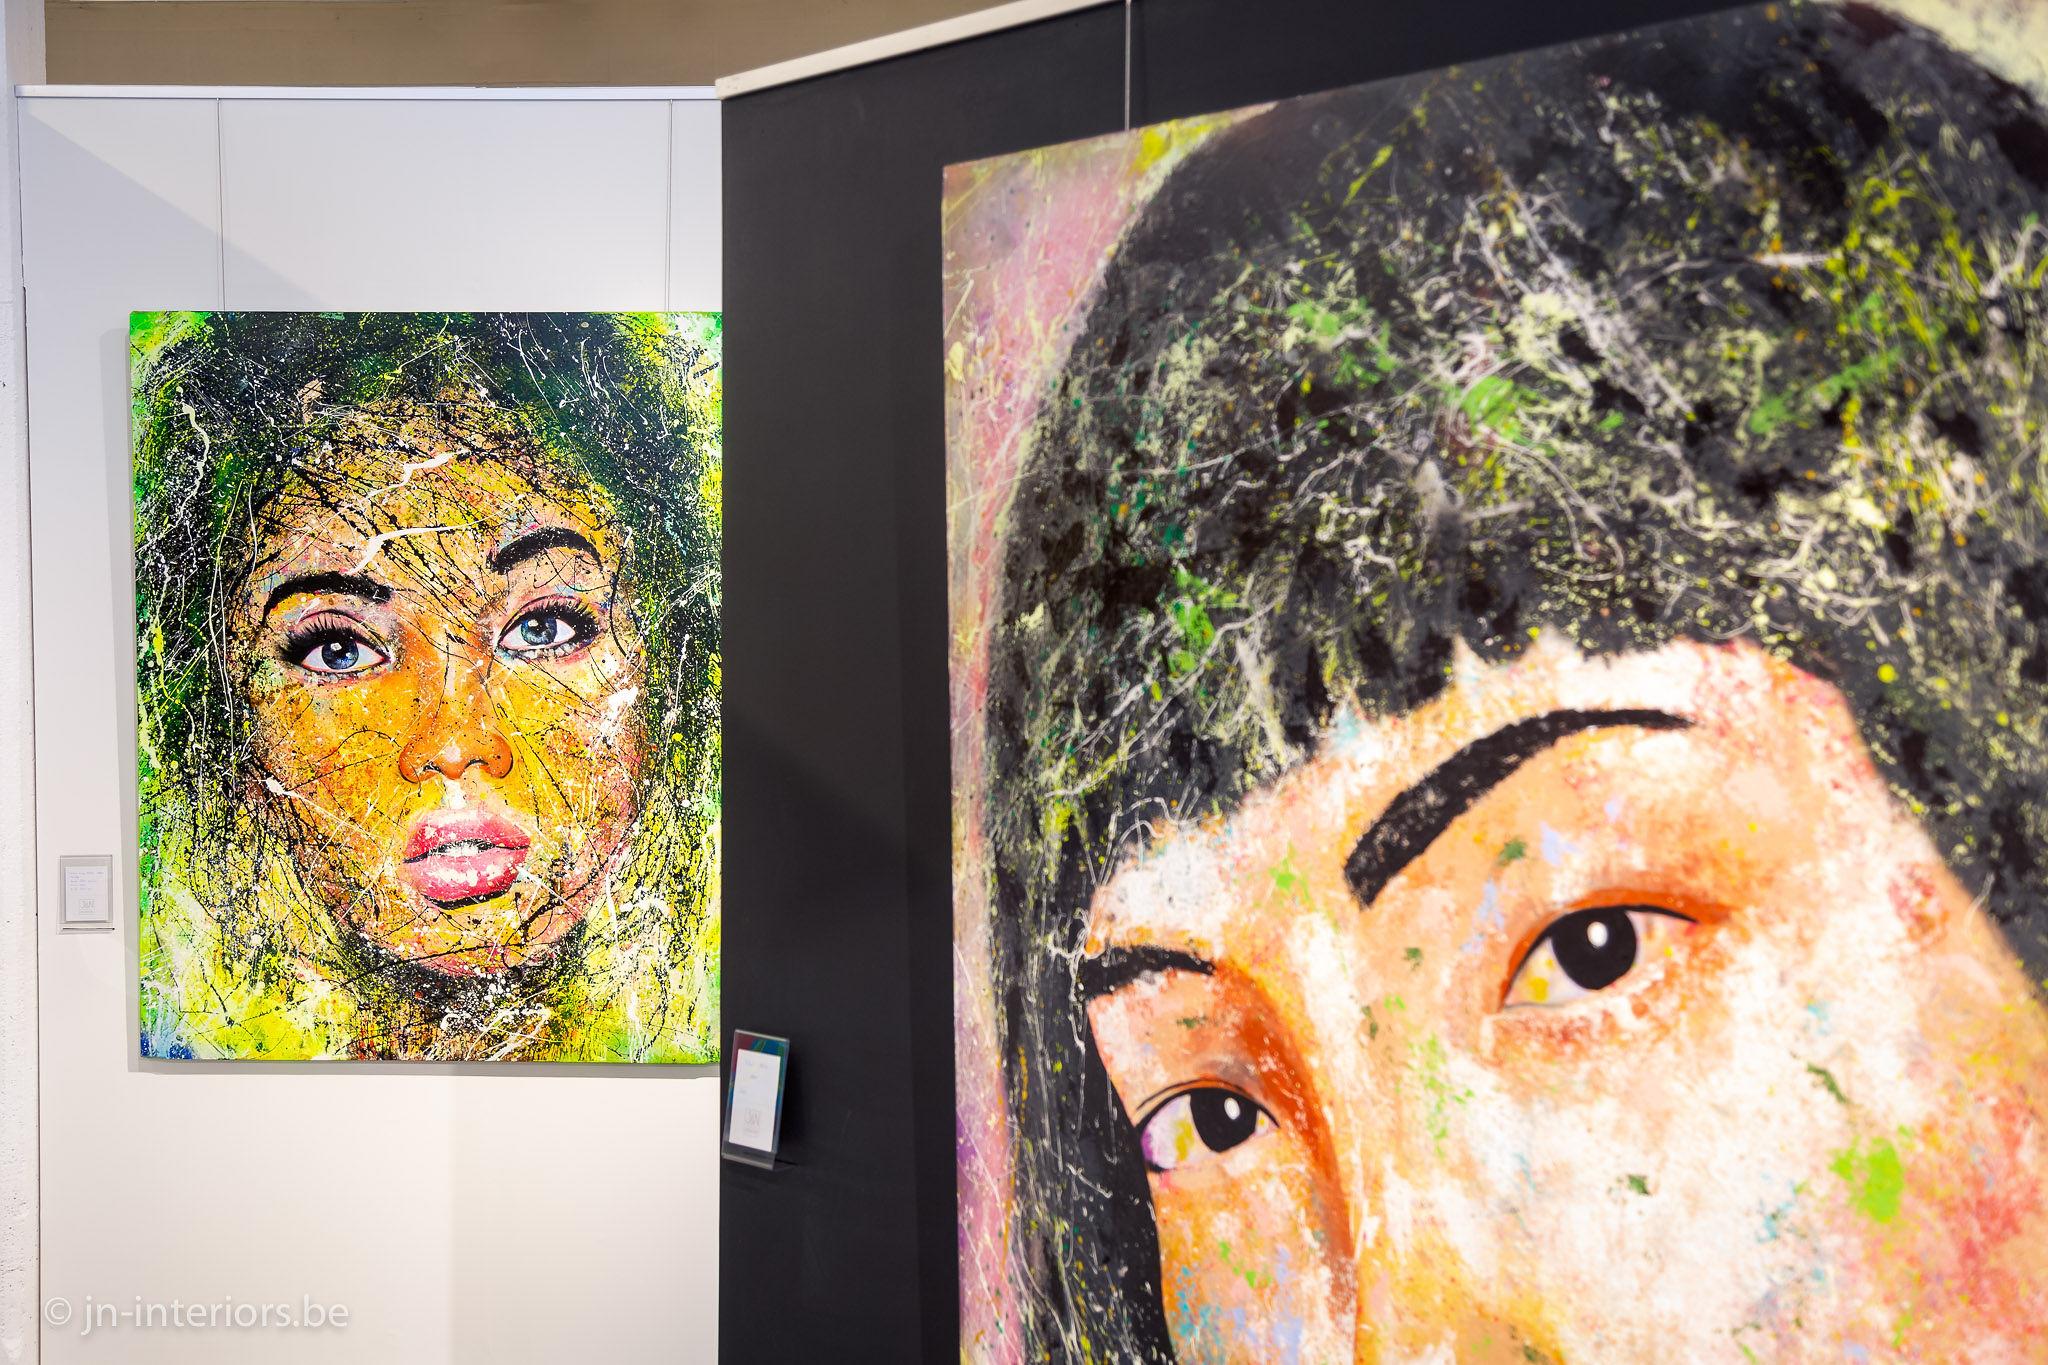 tableaux de visages, oeuvre d'art, galerie d'art, exposition, artiste belge, peintre belge, JN interiors, jour et nuit liège verviers, magasin de décoration belgique